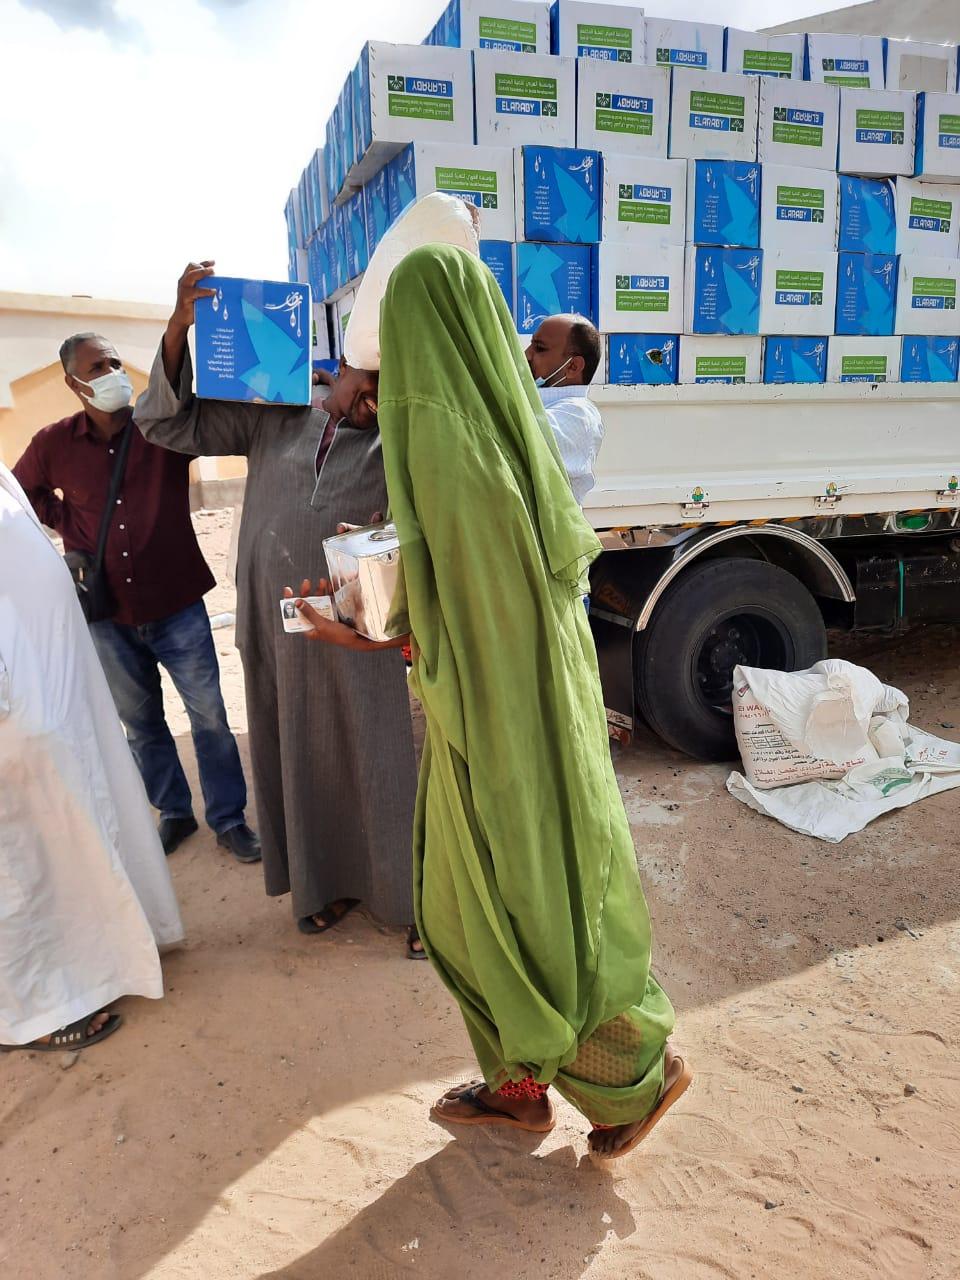 قاقلة الأزهر الخيرية تواصل توزيع المساعدات على مواطني حلايب وشلاتين مع قرب حلول شهر رمضان المبارك